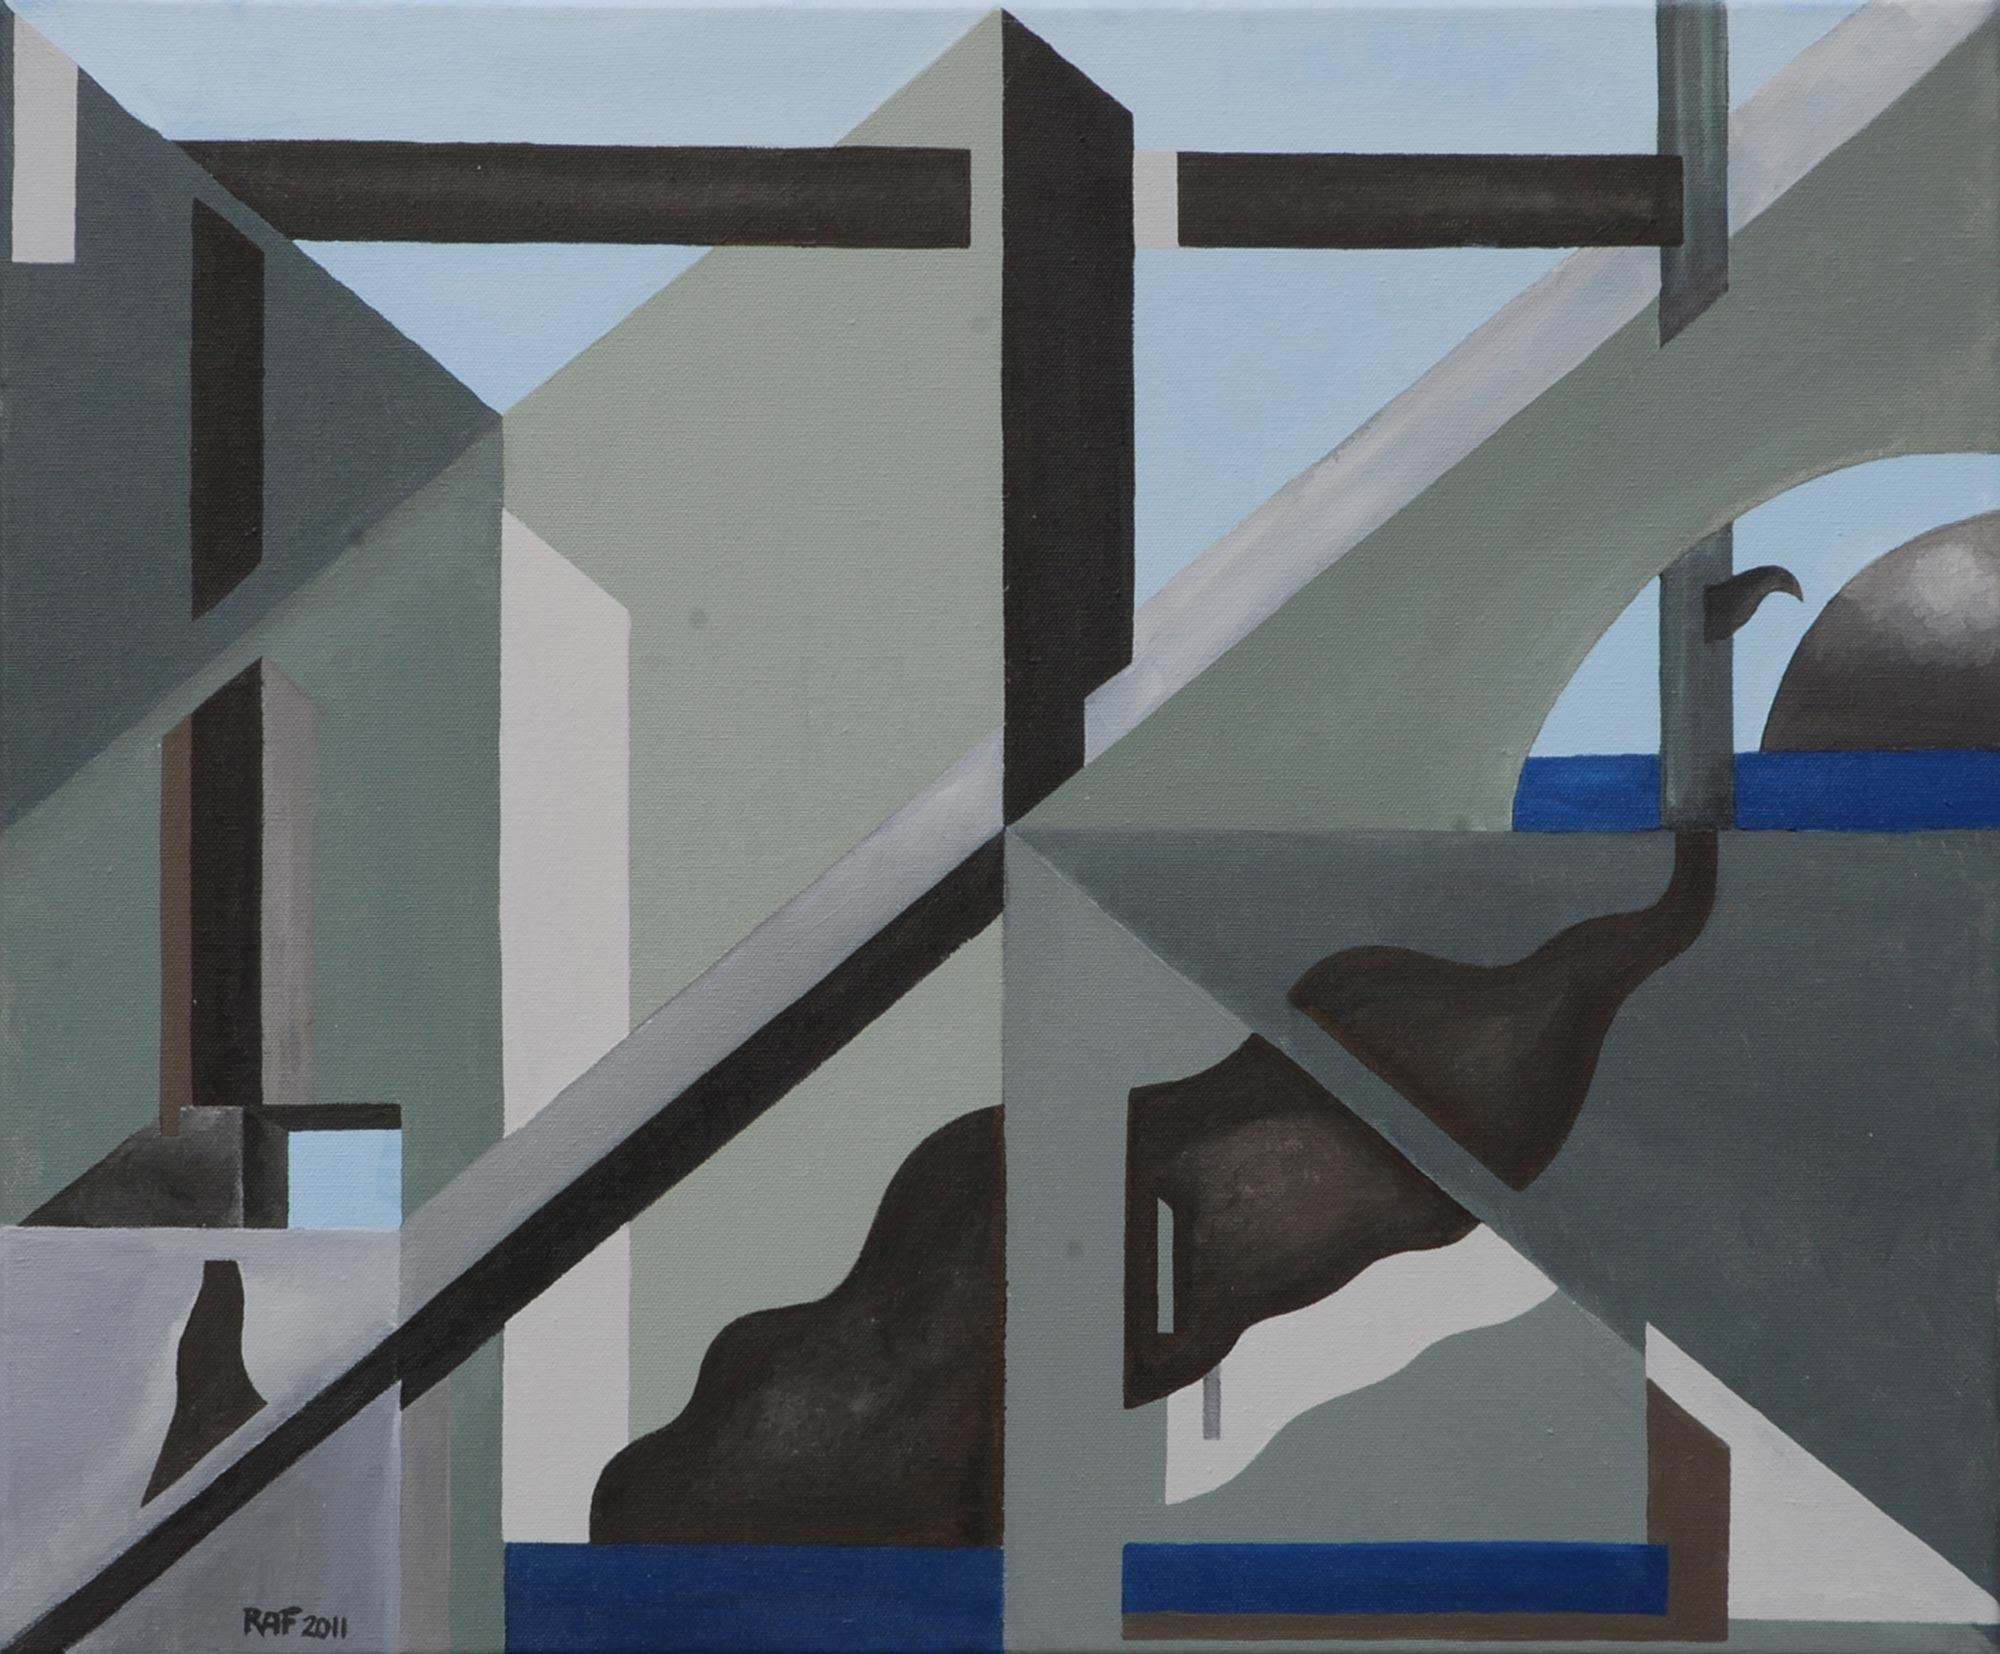 Le laboratoire, peinture acrylique sur toile, 2011, peinture acrylique sur carton, 55x46 cm